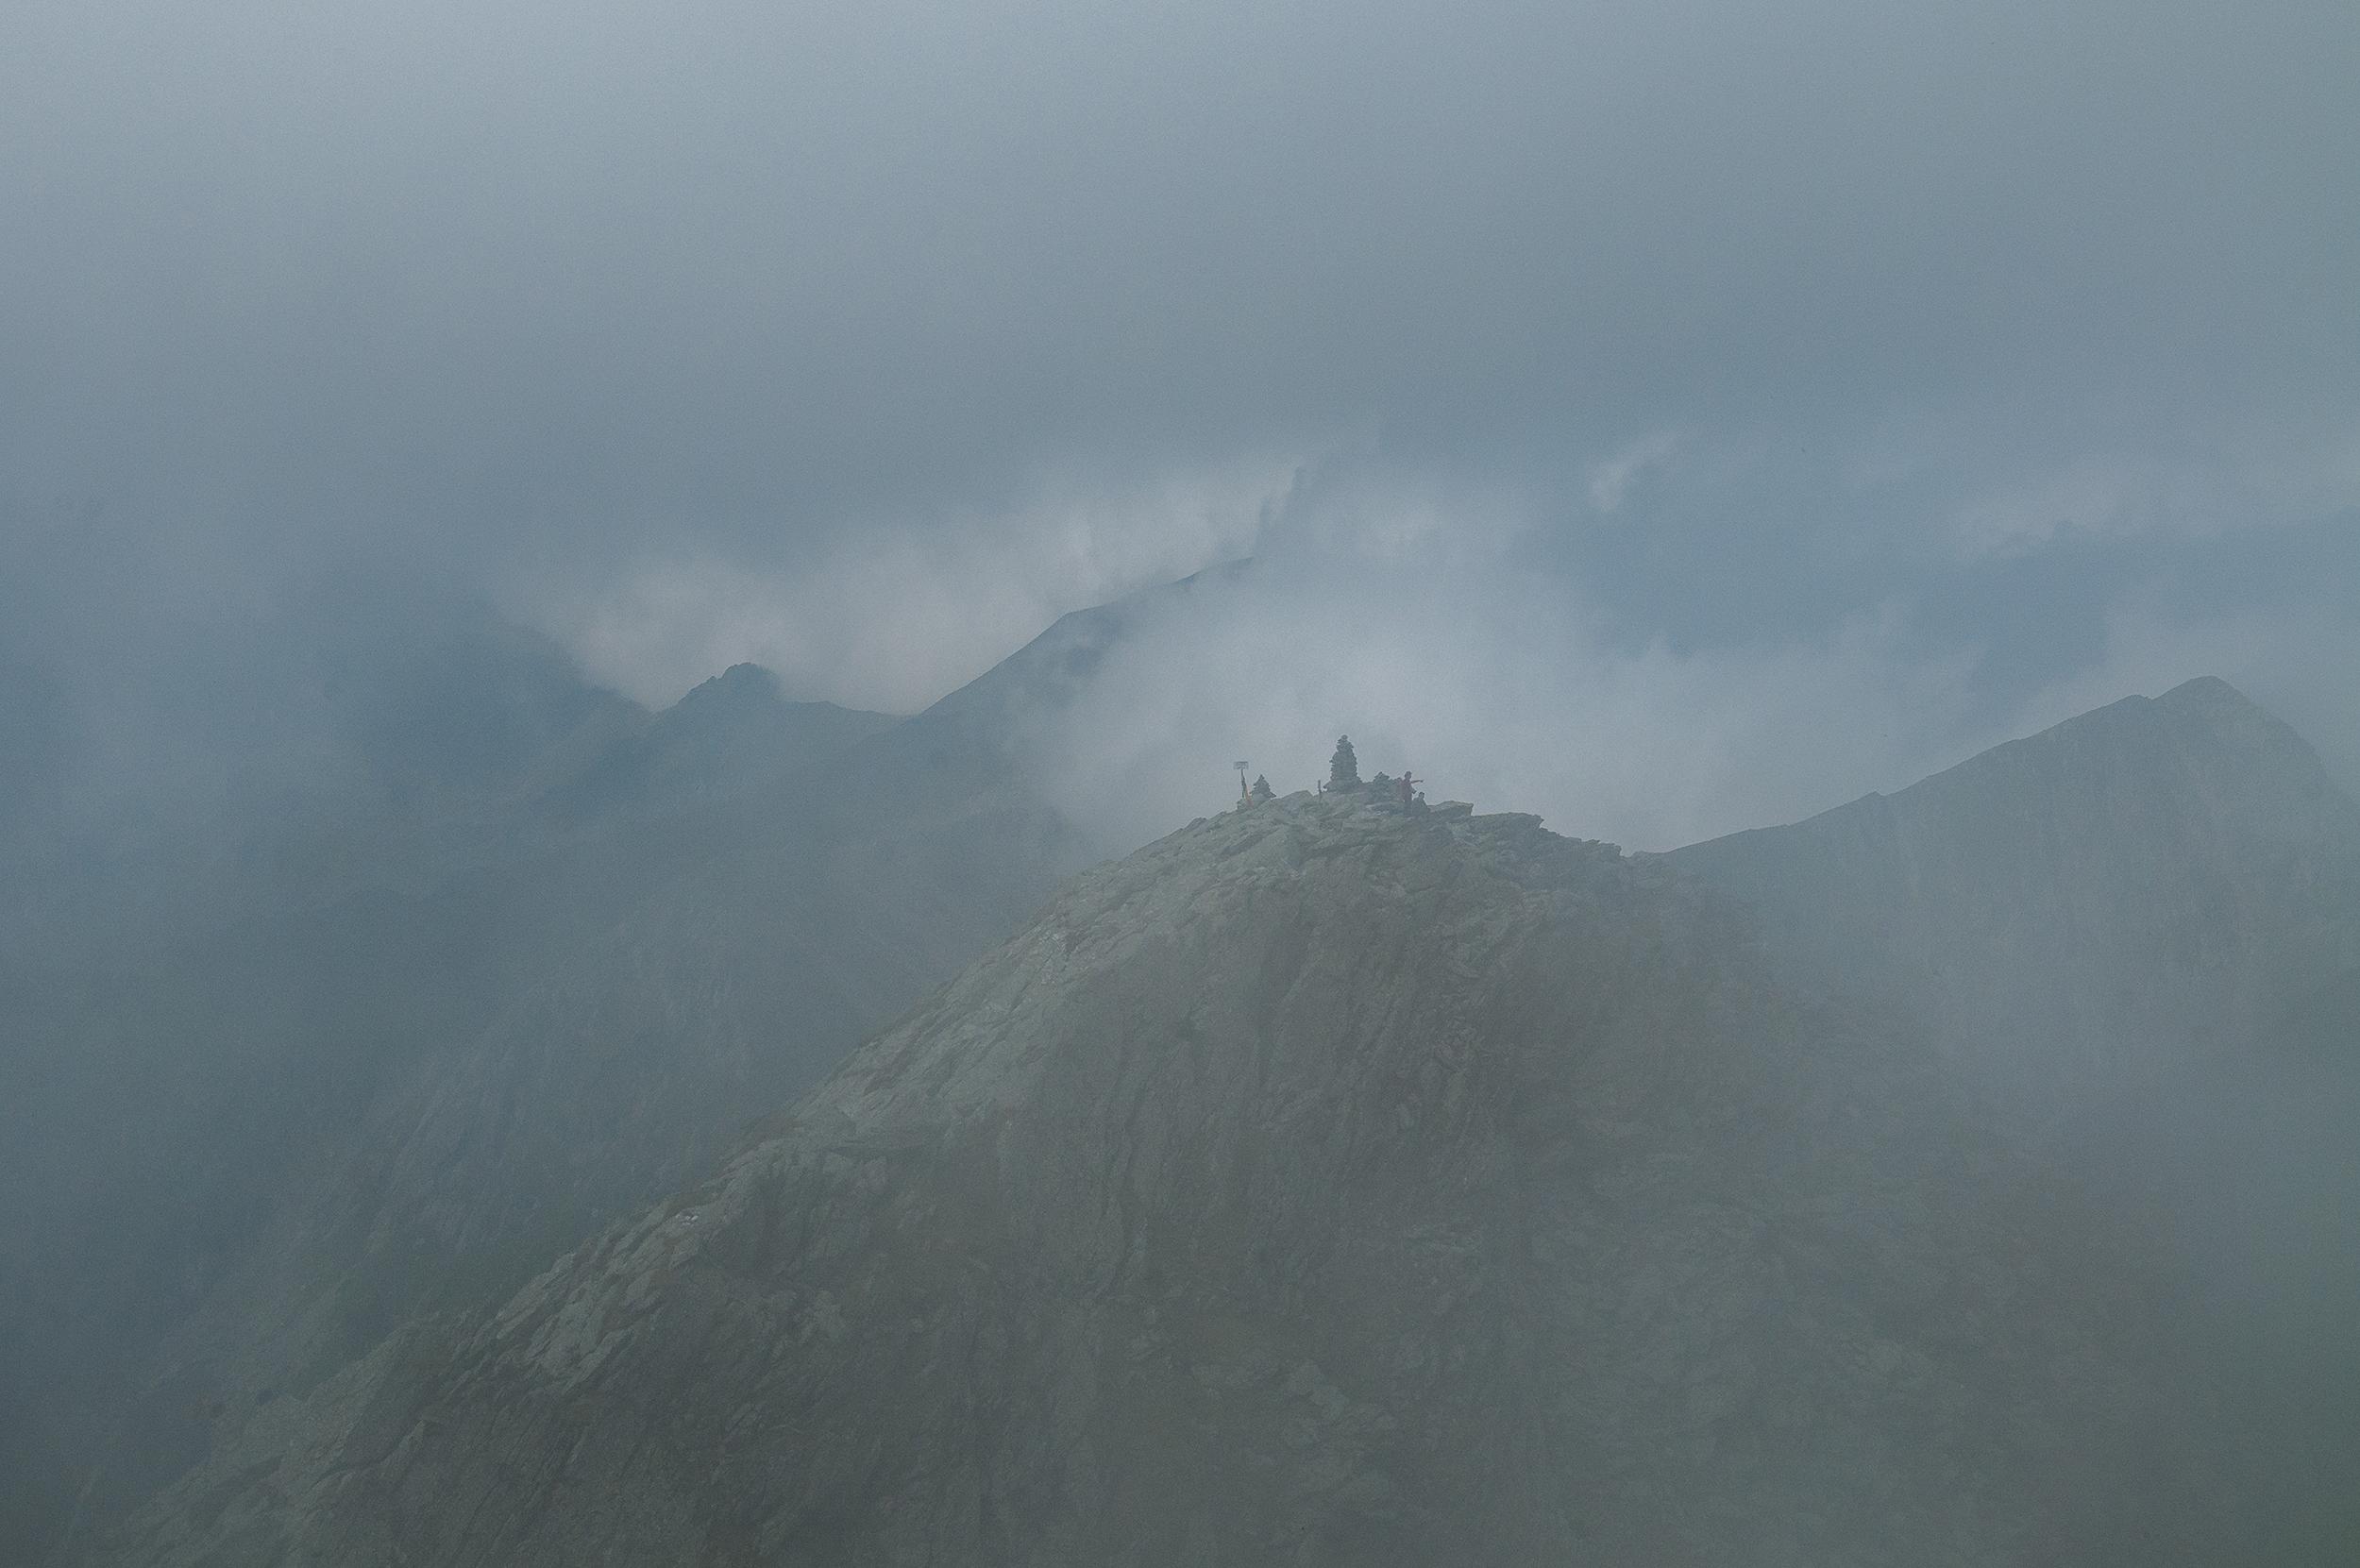 Abia reușim să zărim spre vest Vârful Cornul Călțunului situat la doar 150 metri.